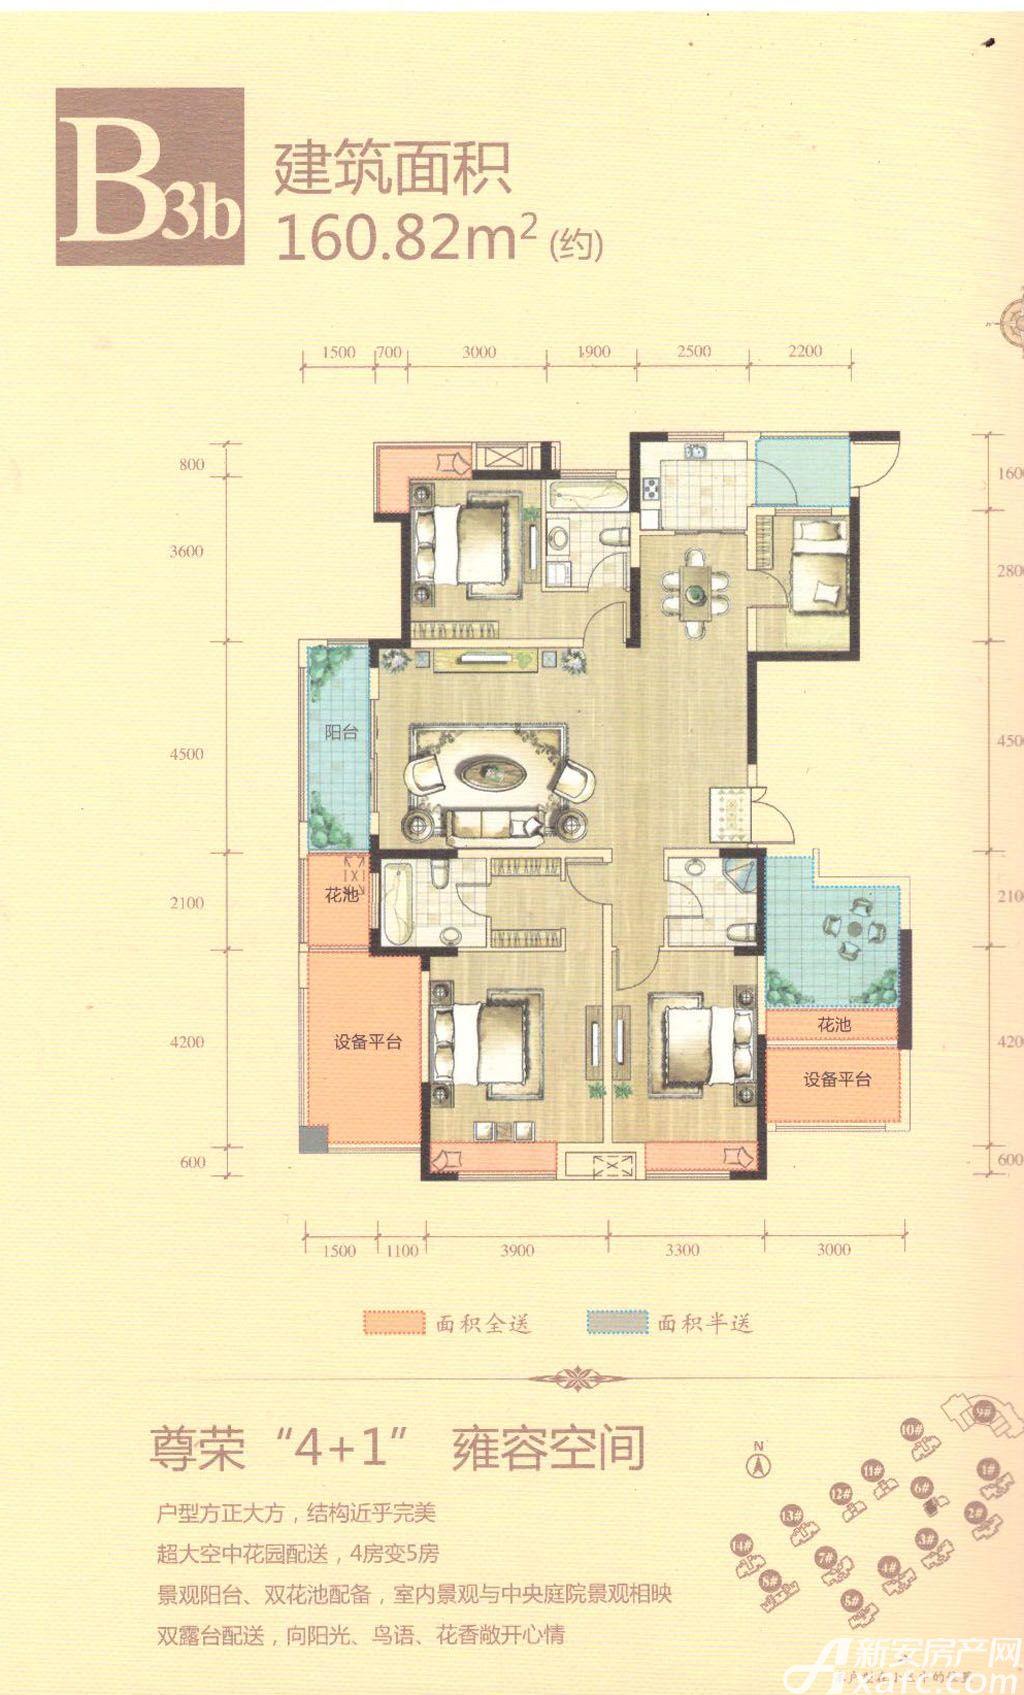 绿地滨江壹号B3b3室2厅160.82平米